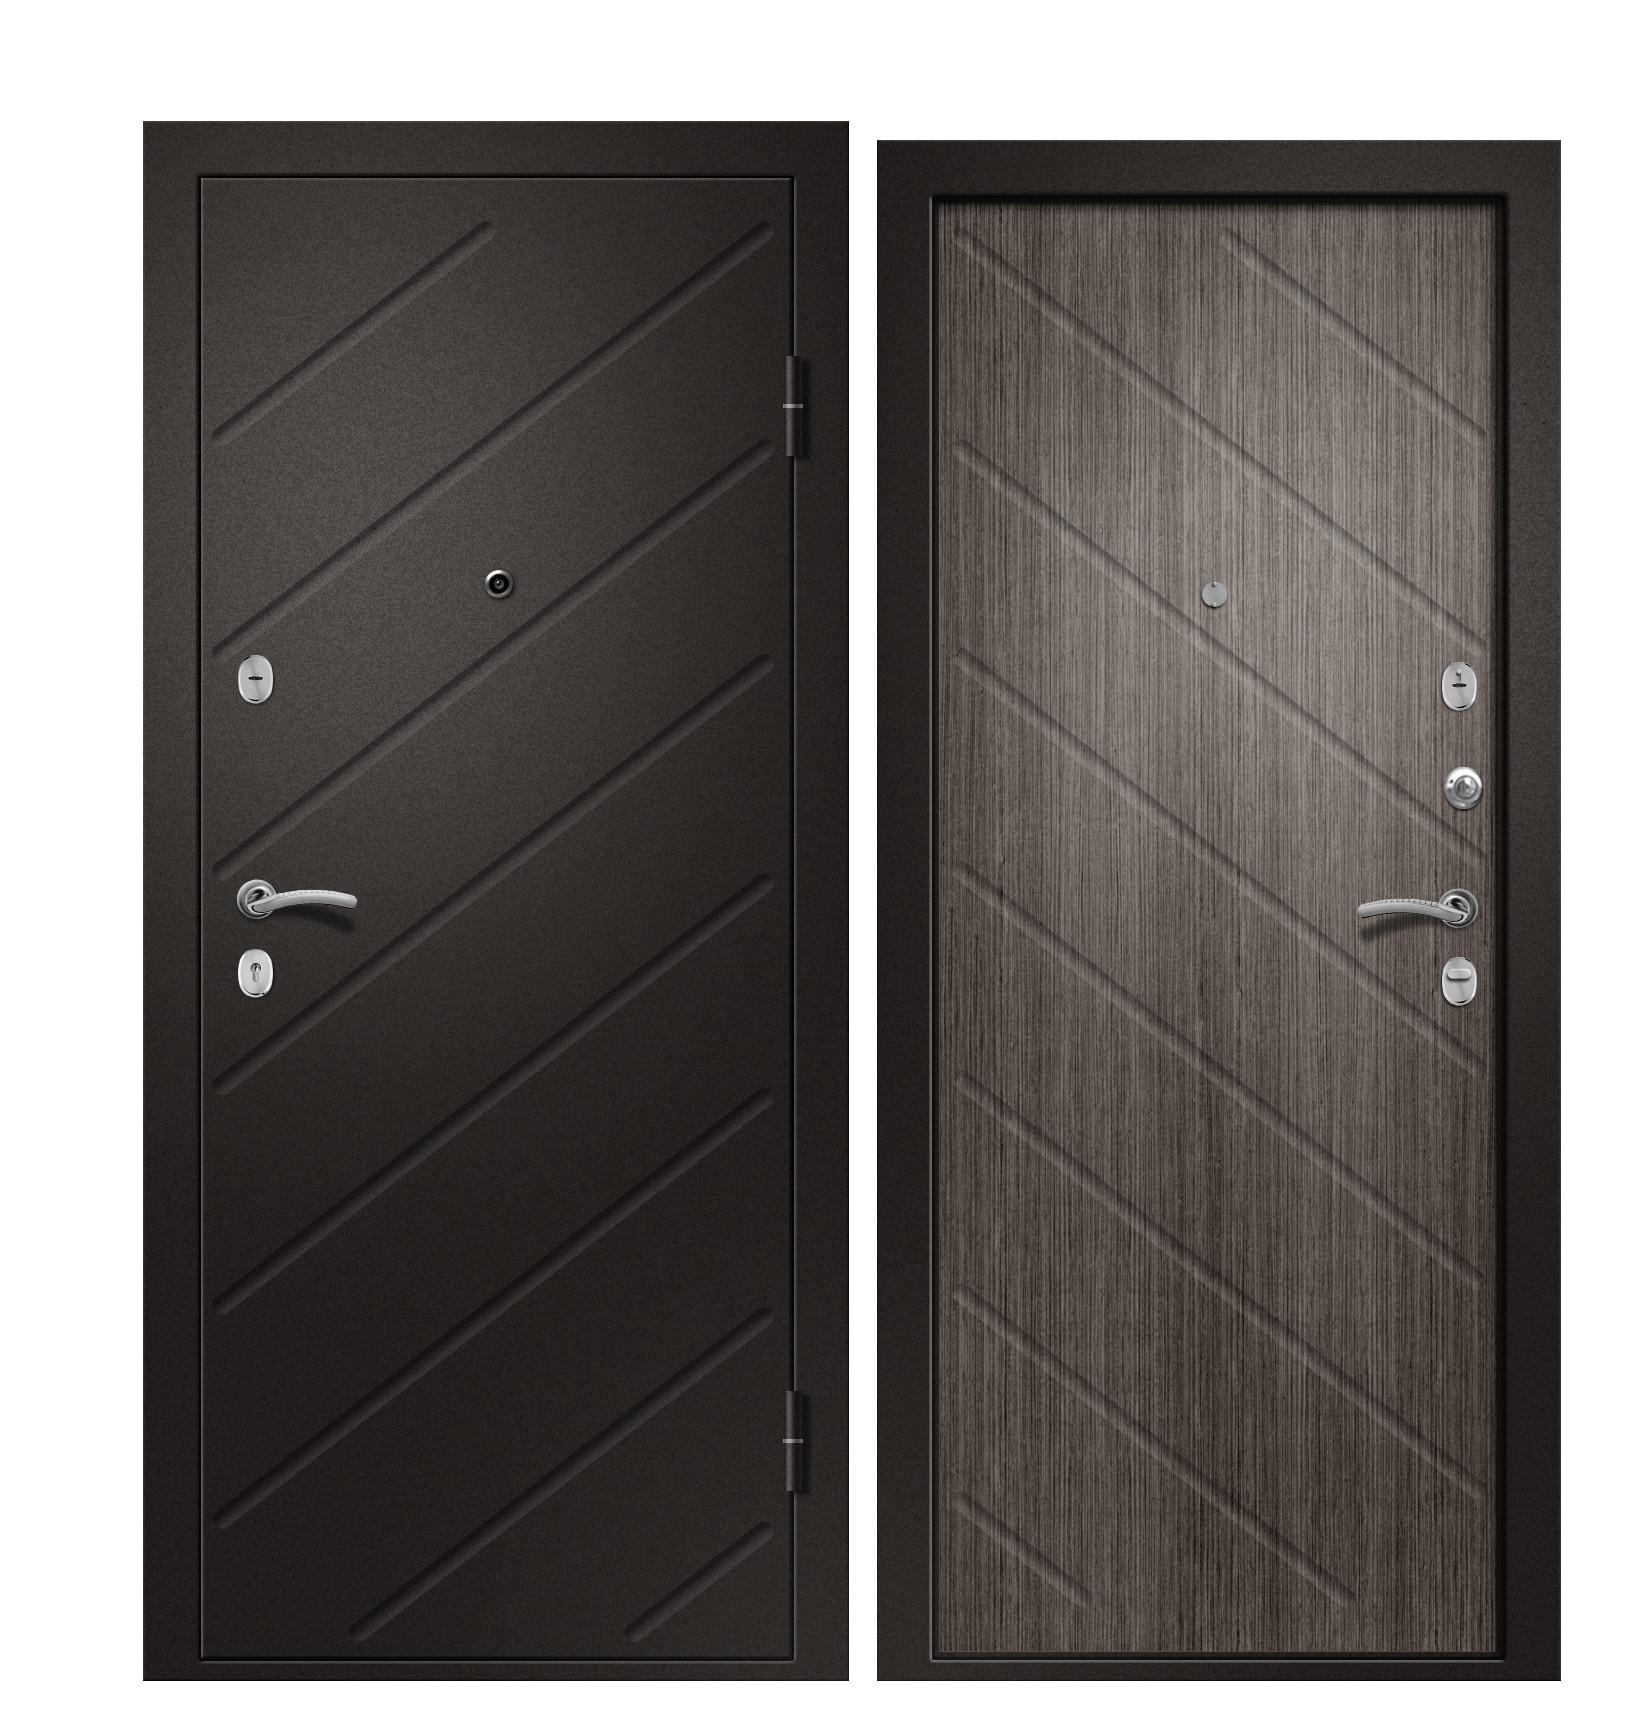 Входная дверь Ника-120 сатин черный / Дуб грей